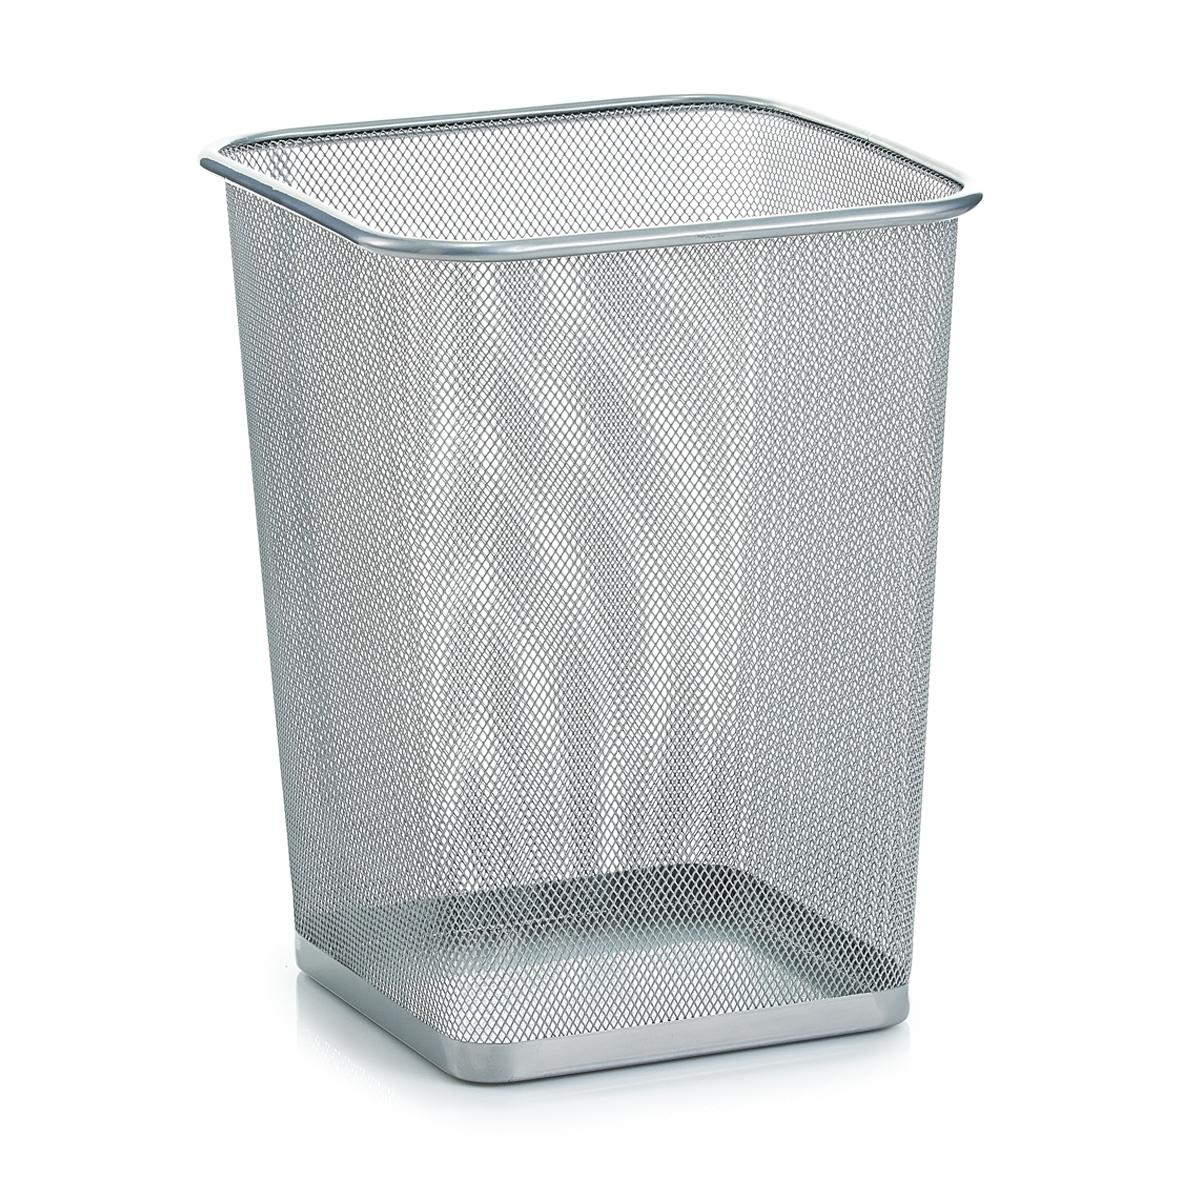 Cos de gunoi din metal pentru birou, Office Gri, l26,8xA26,8xH35 cm imagine